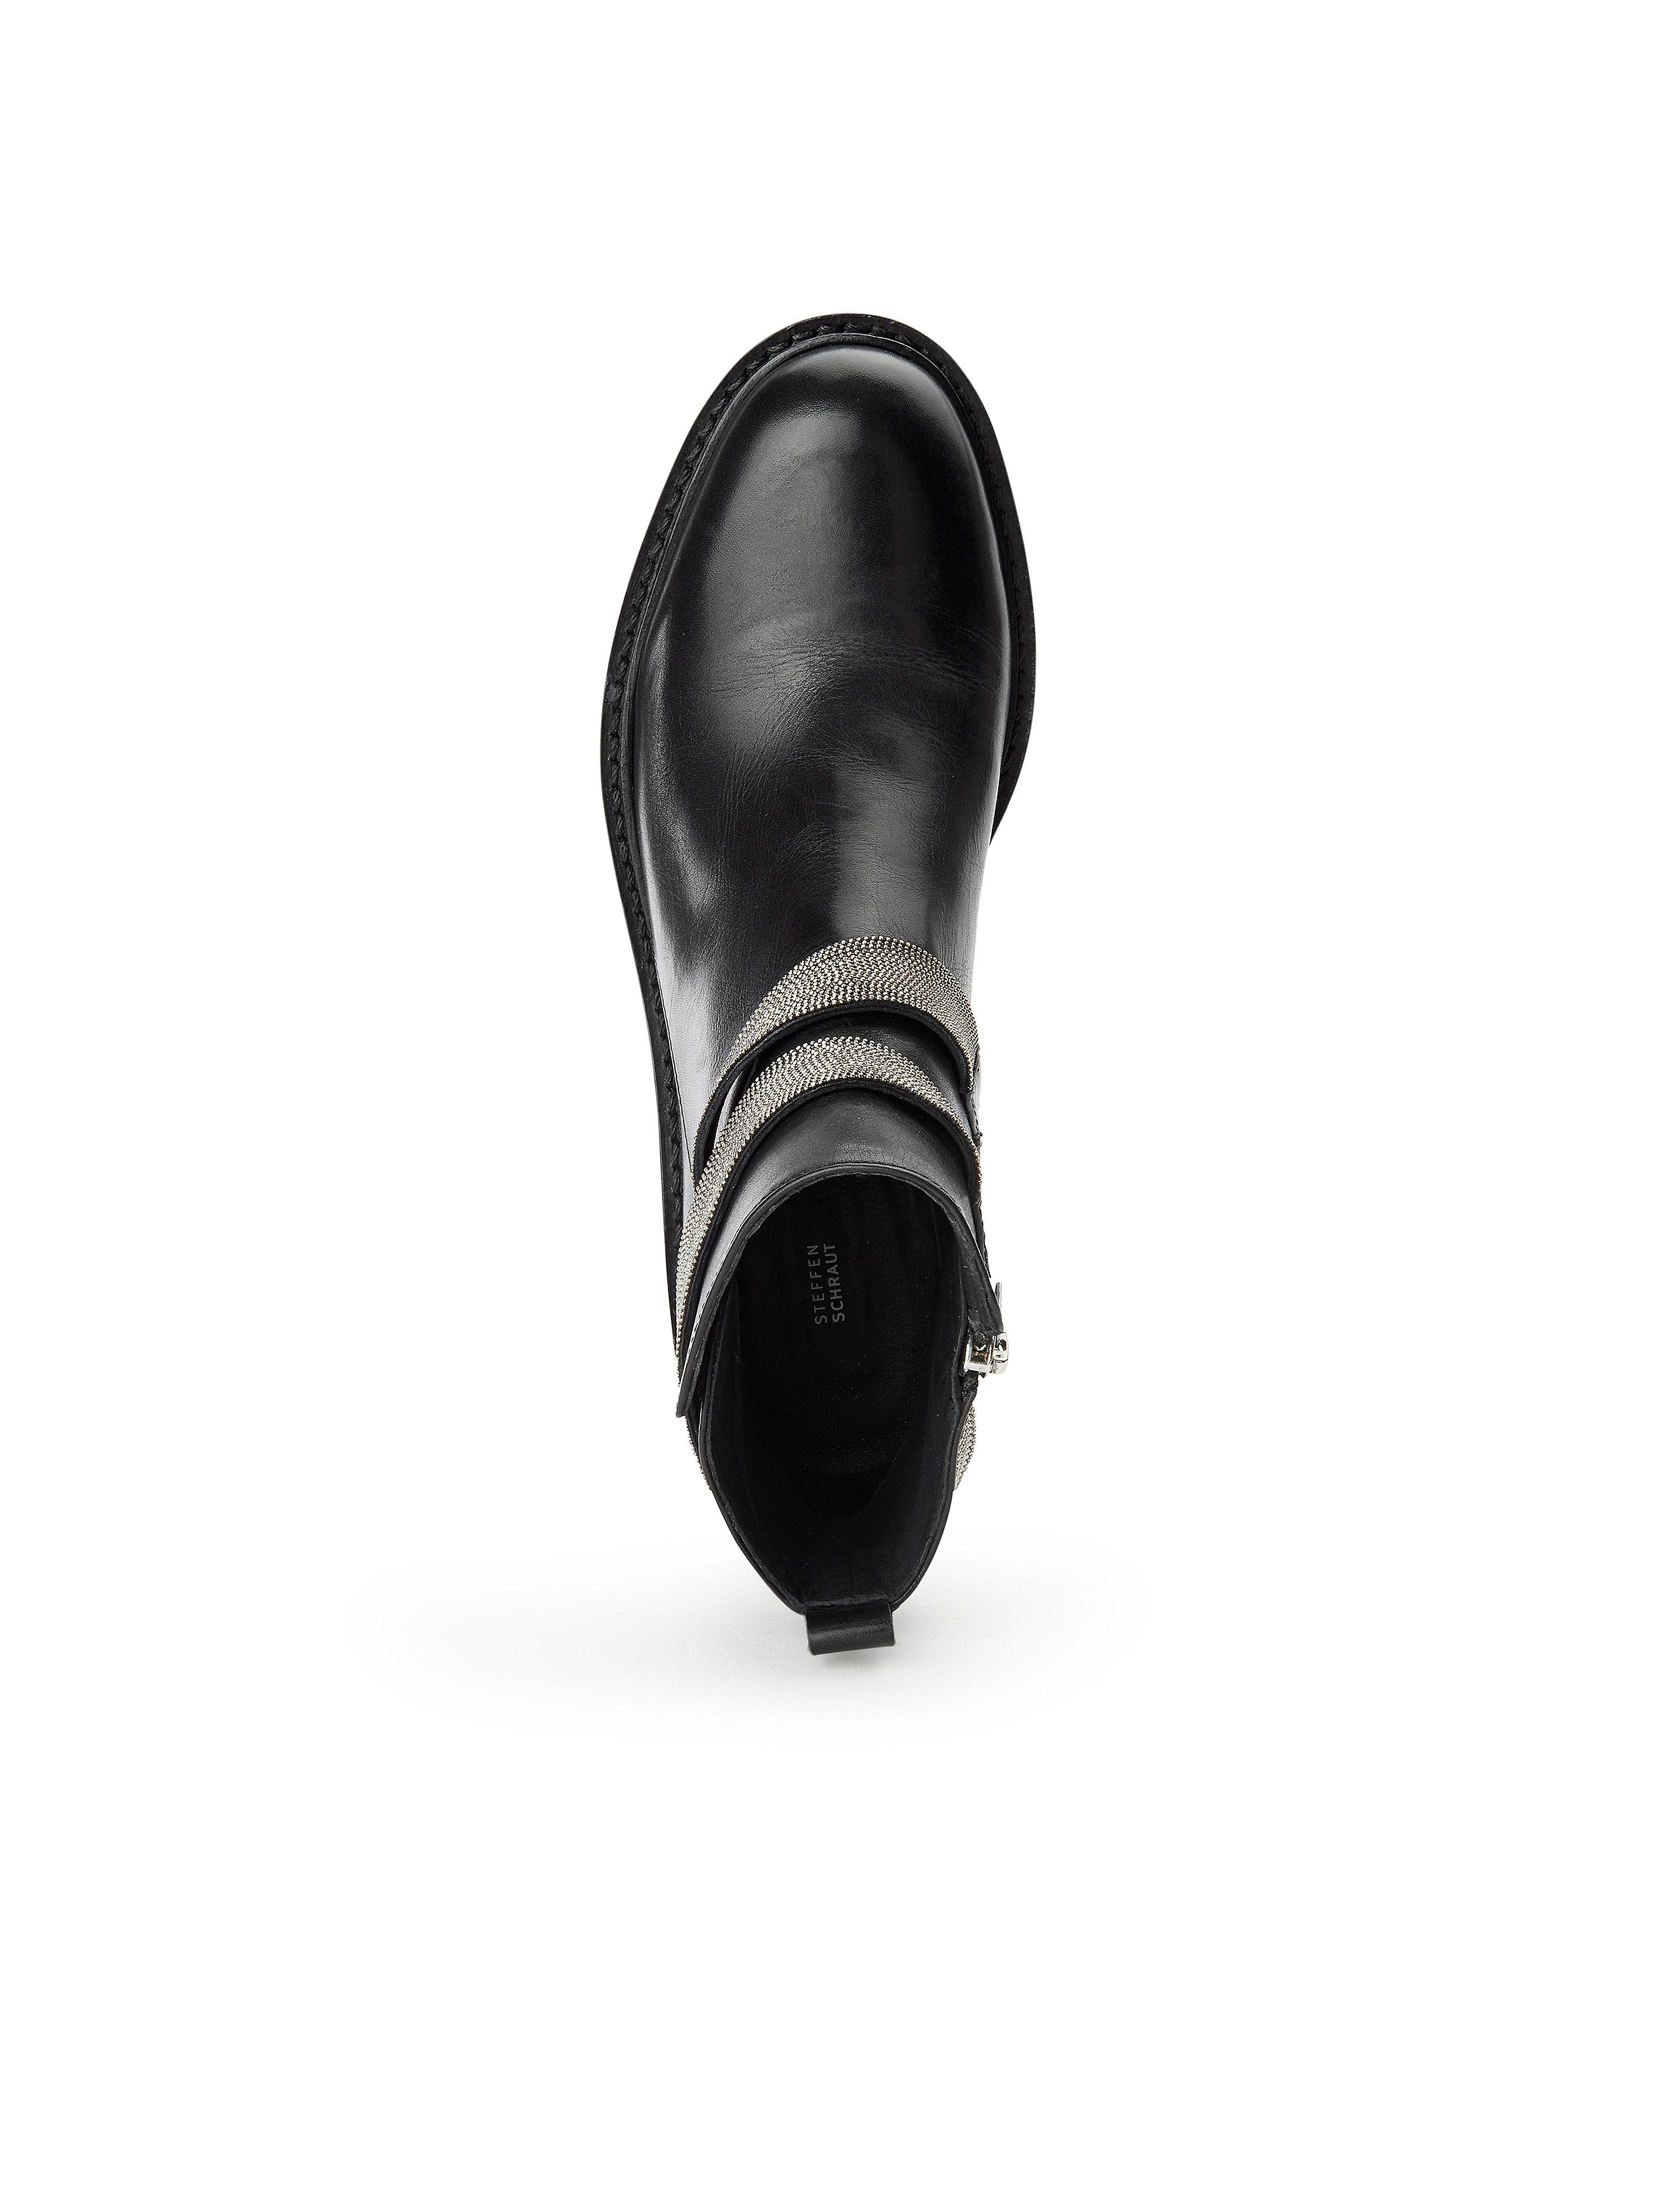 Steffen Schraut - Stiefelette Schwarz aus 100% Leder - Schwarz Stiefelette Gute Qualität beliebte Schuhe efa7c1